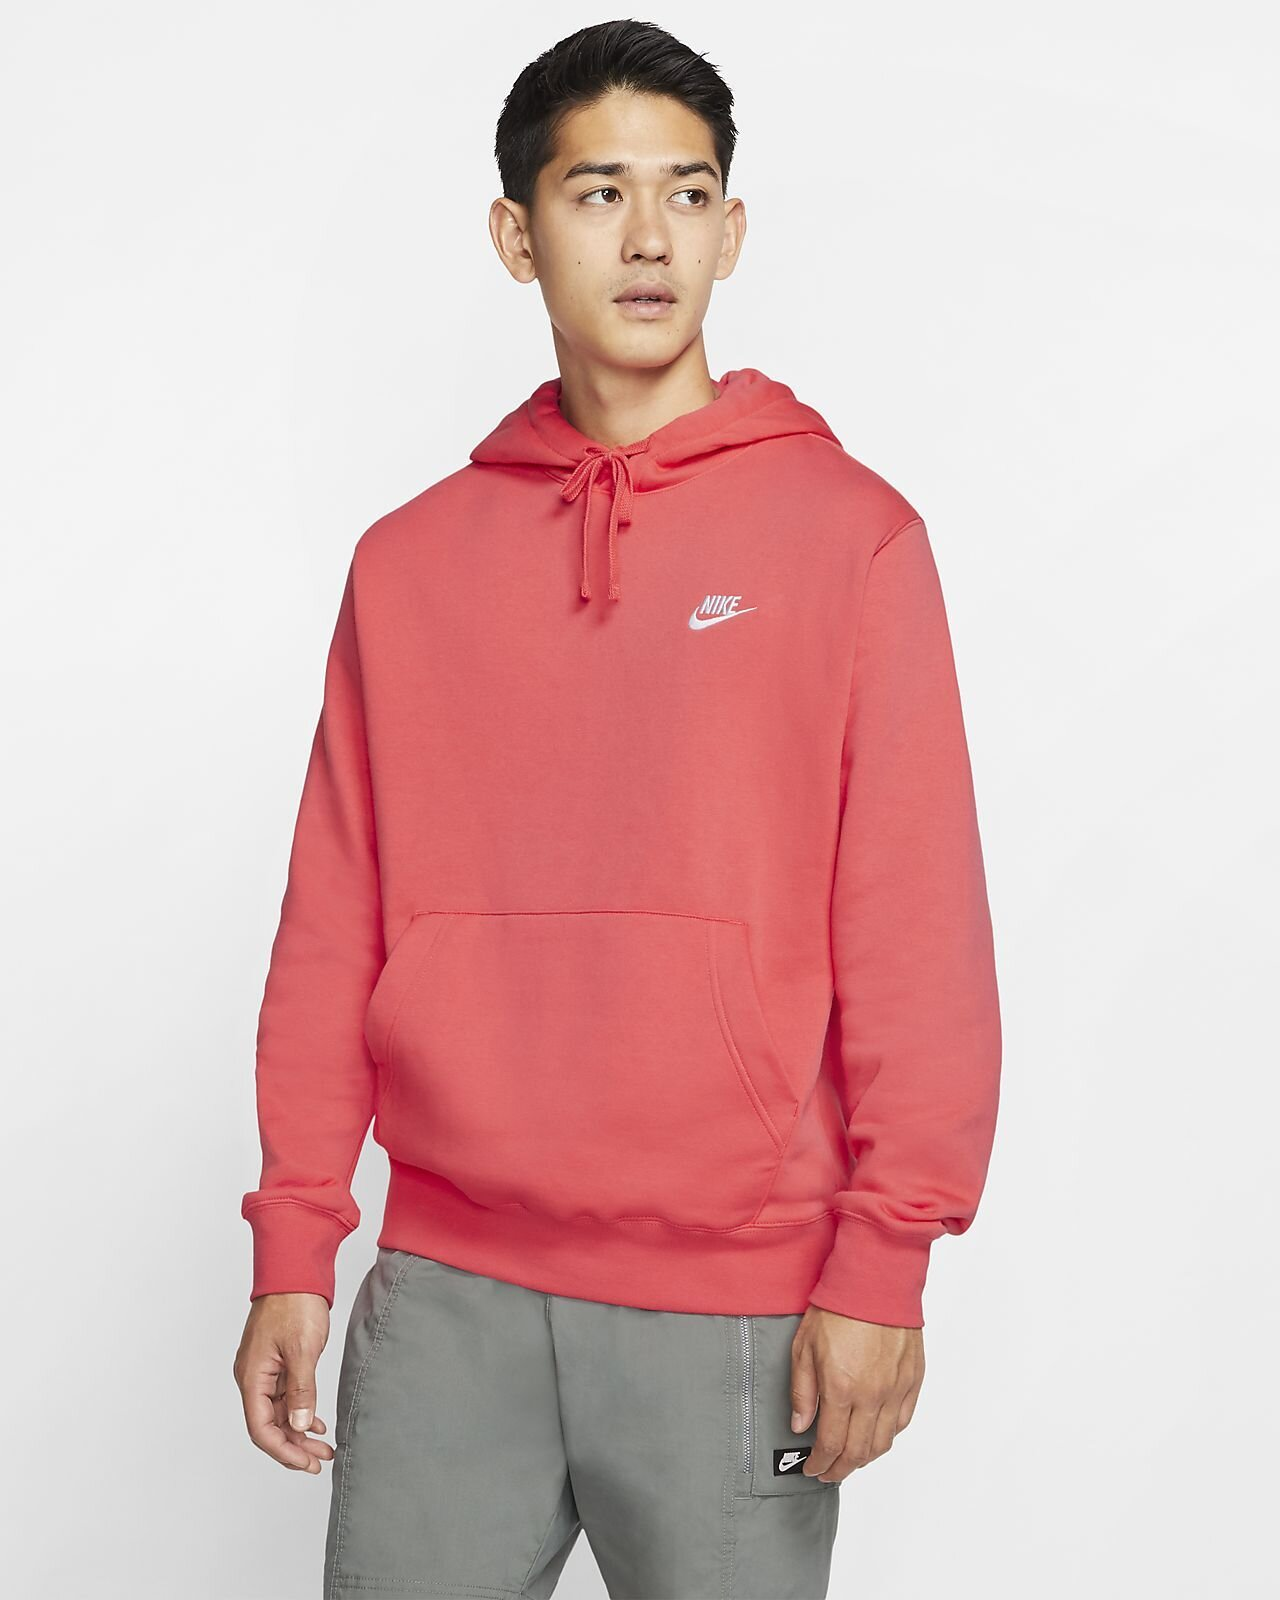 nike fleece on sale